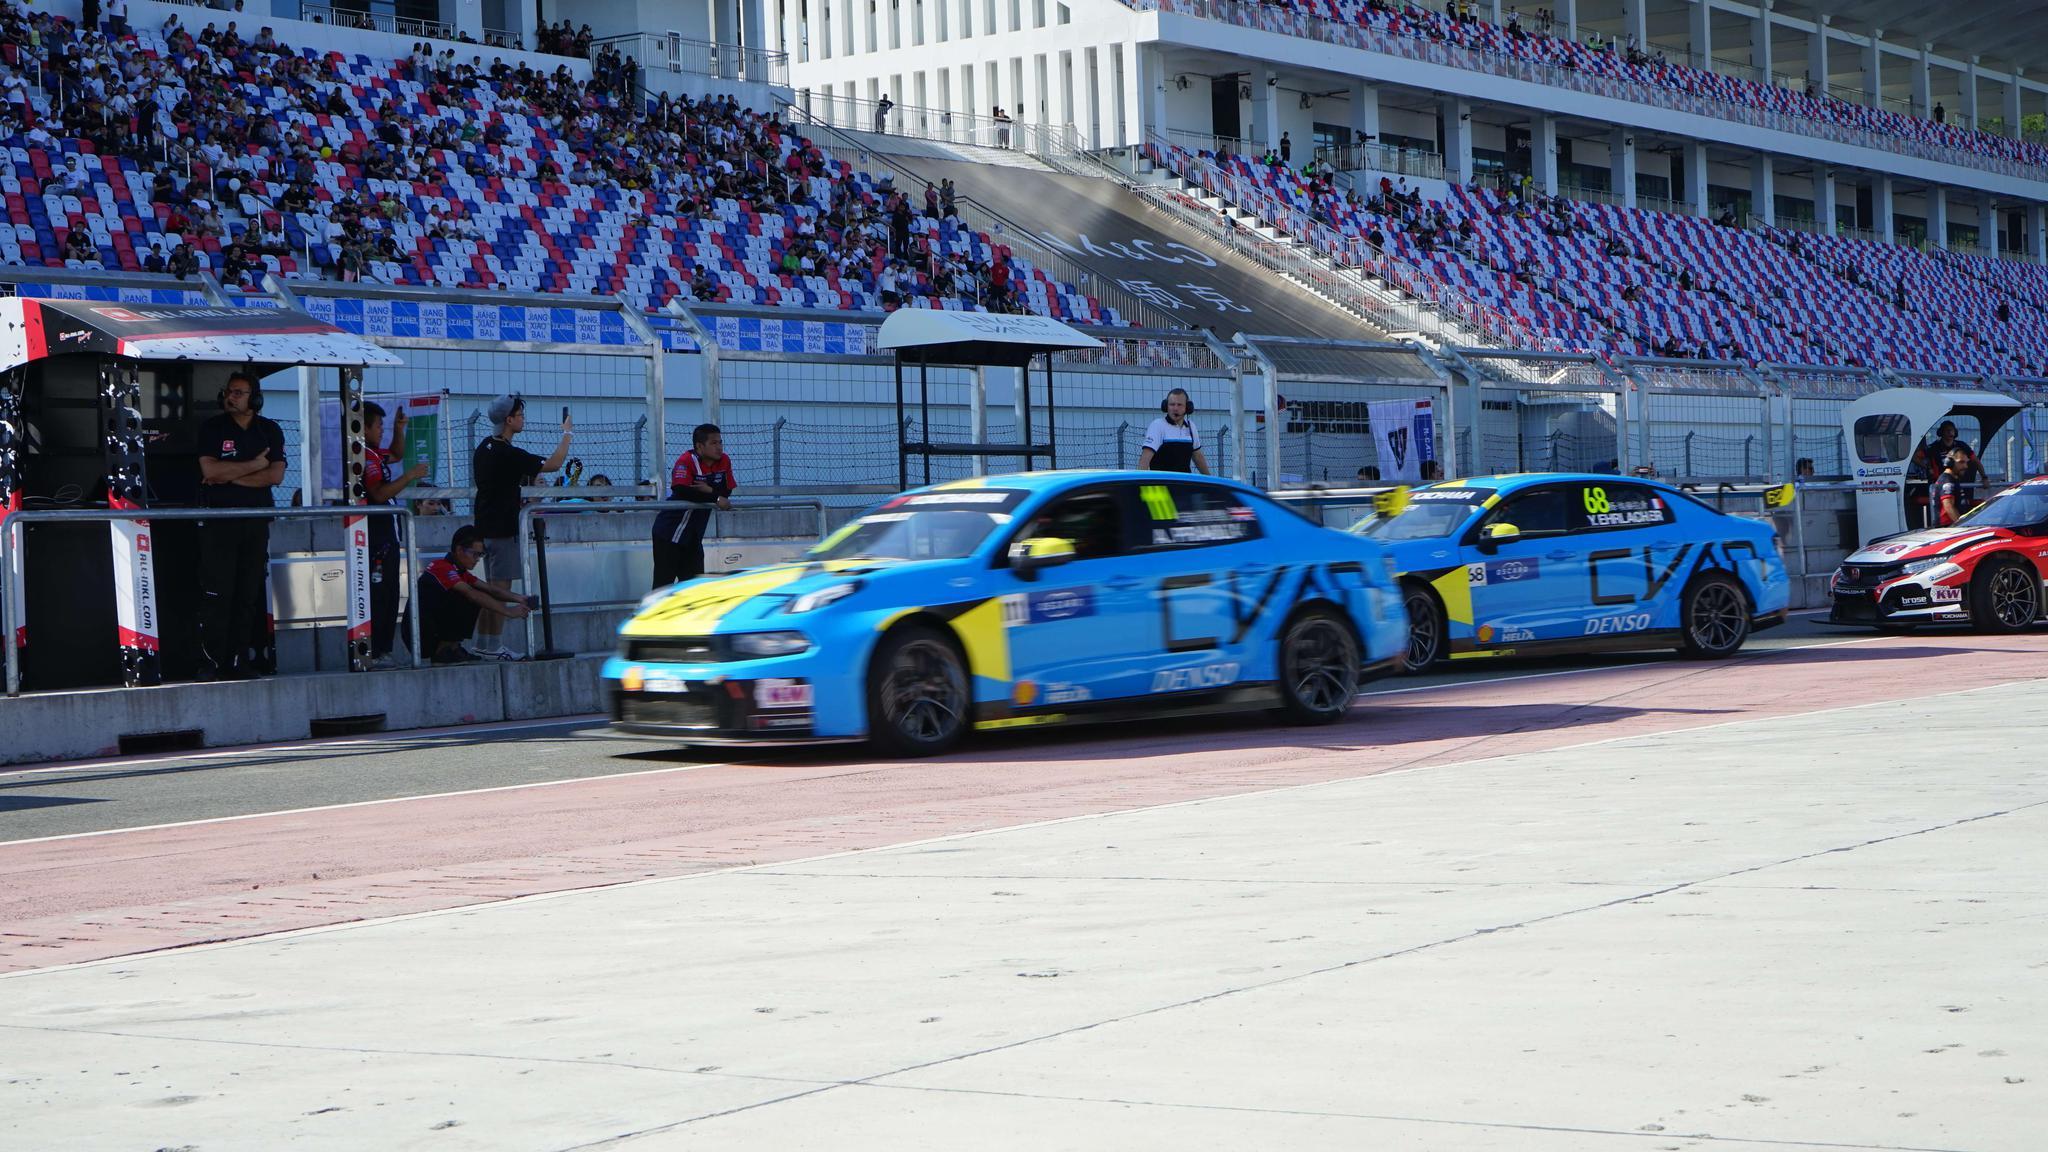 领克03 TCR本土首战夺冠 816台冠军车型领克03+开售18秒售罄